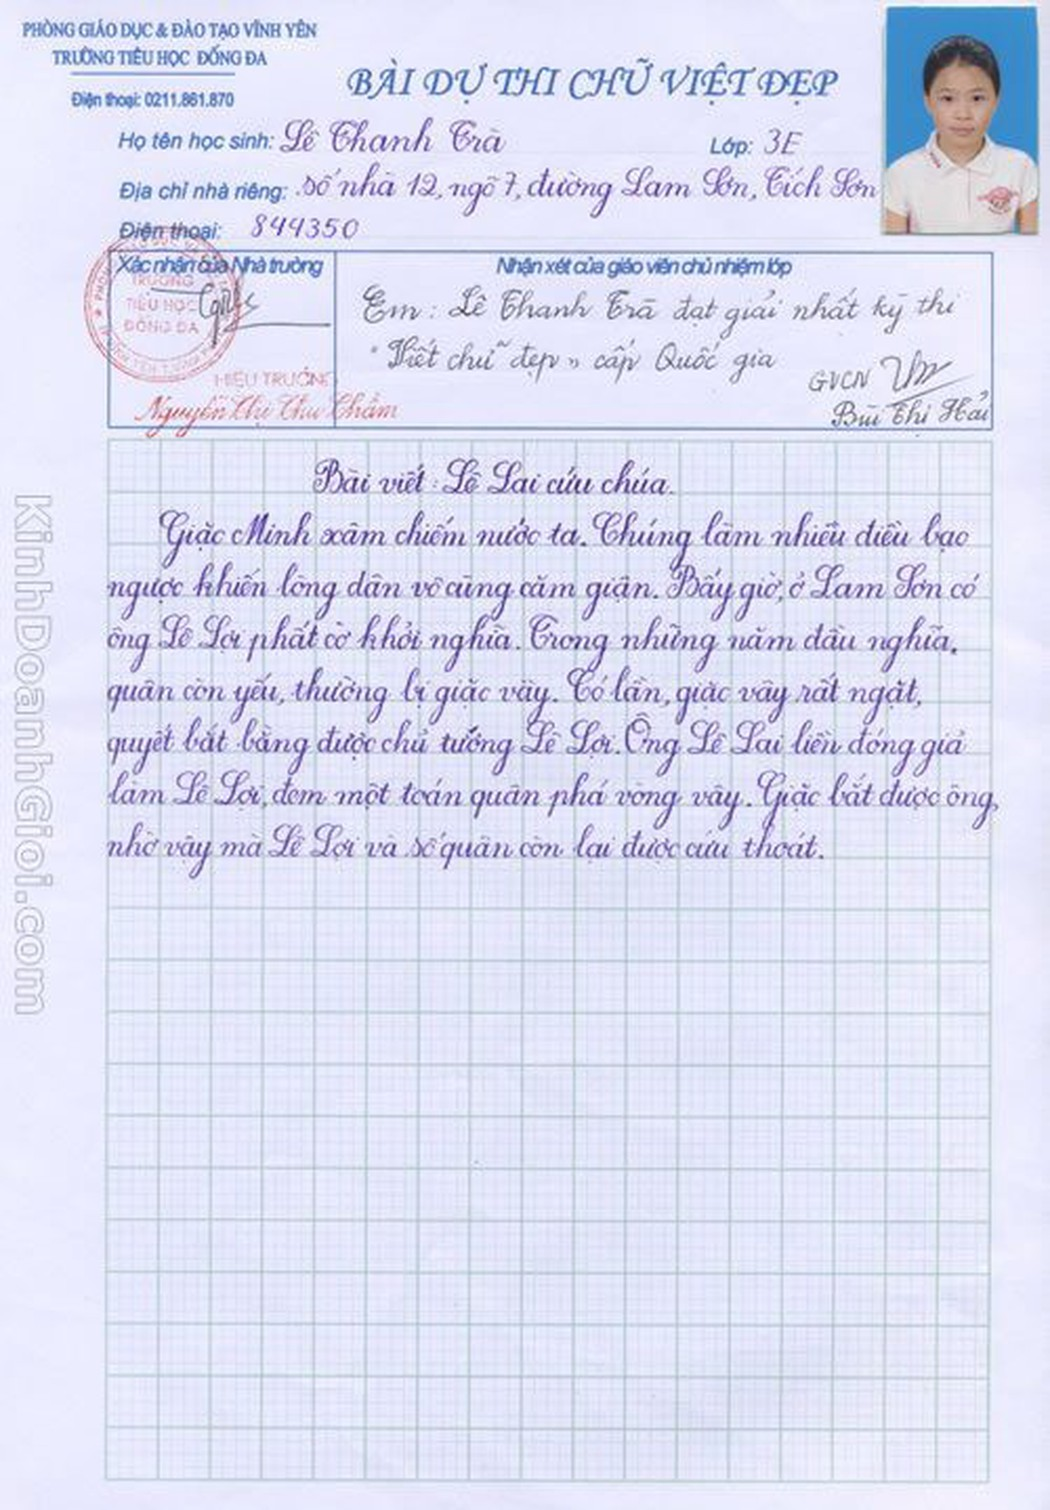 Viết chữ đẹp cho học sinh Lê Lai cứu chúa